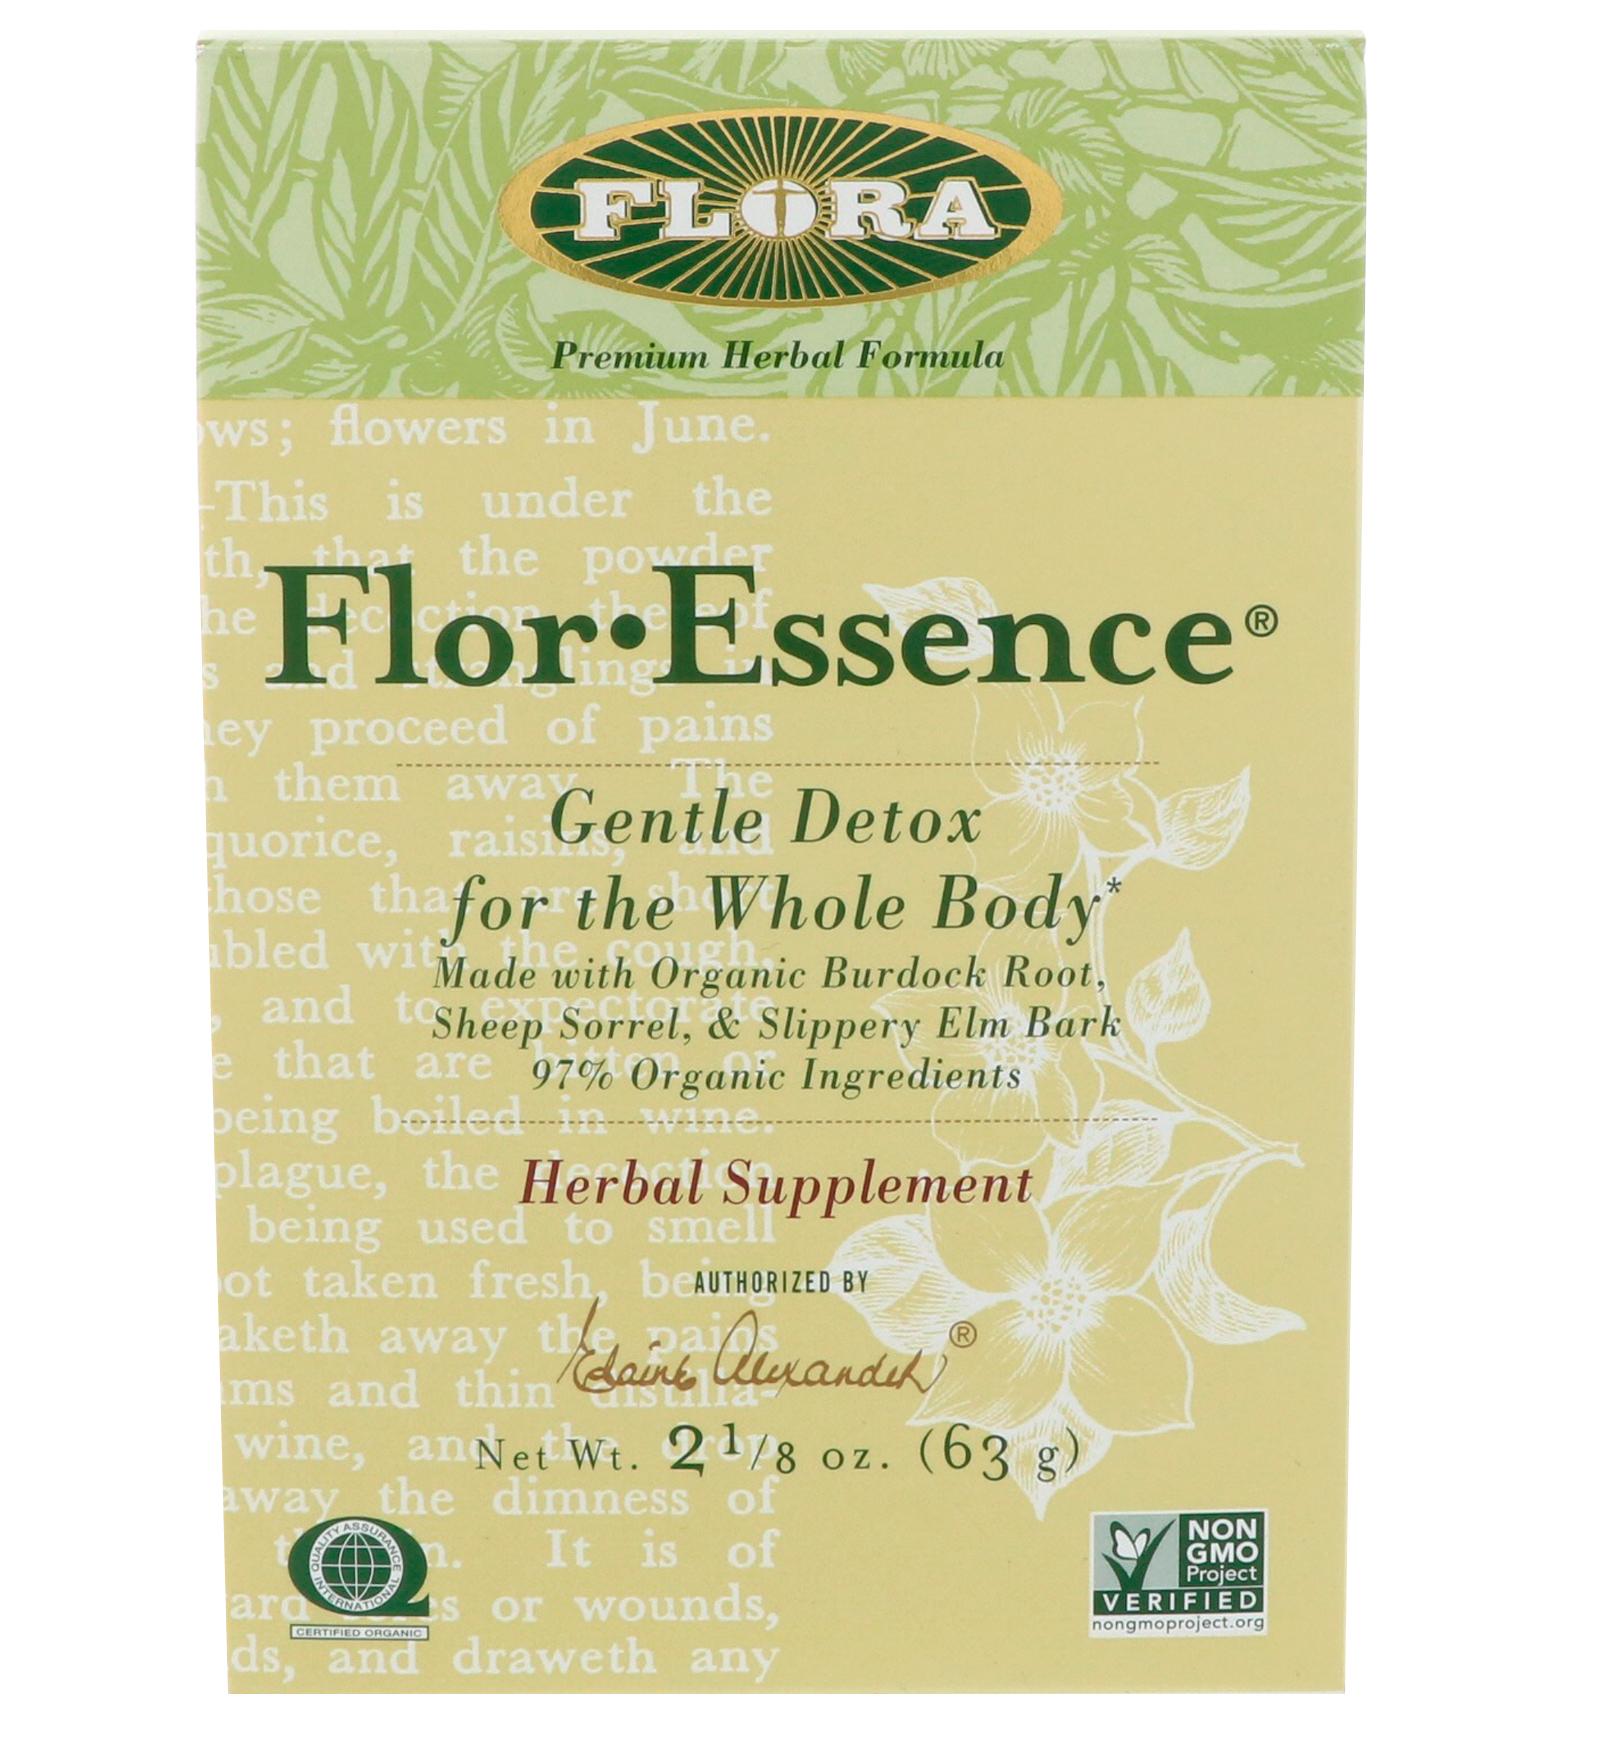 Flora, flor·essence, 7 дневная программа очищения, 3 средства.